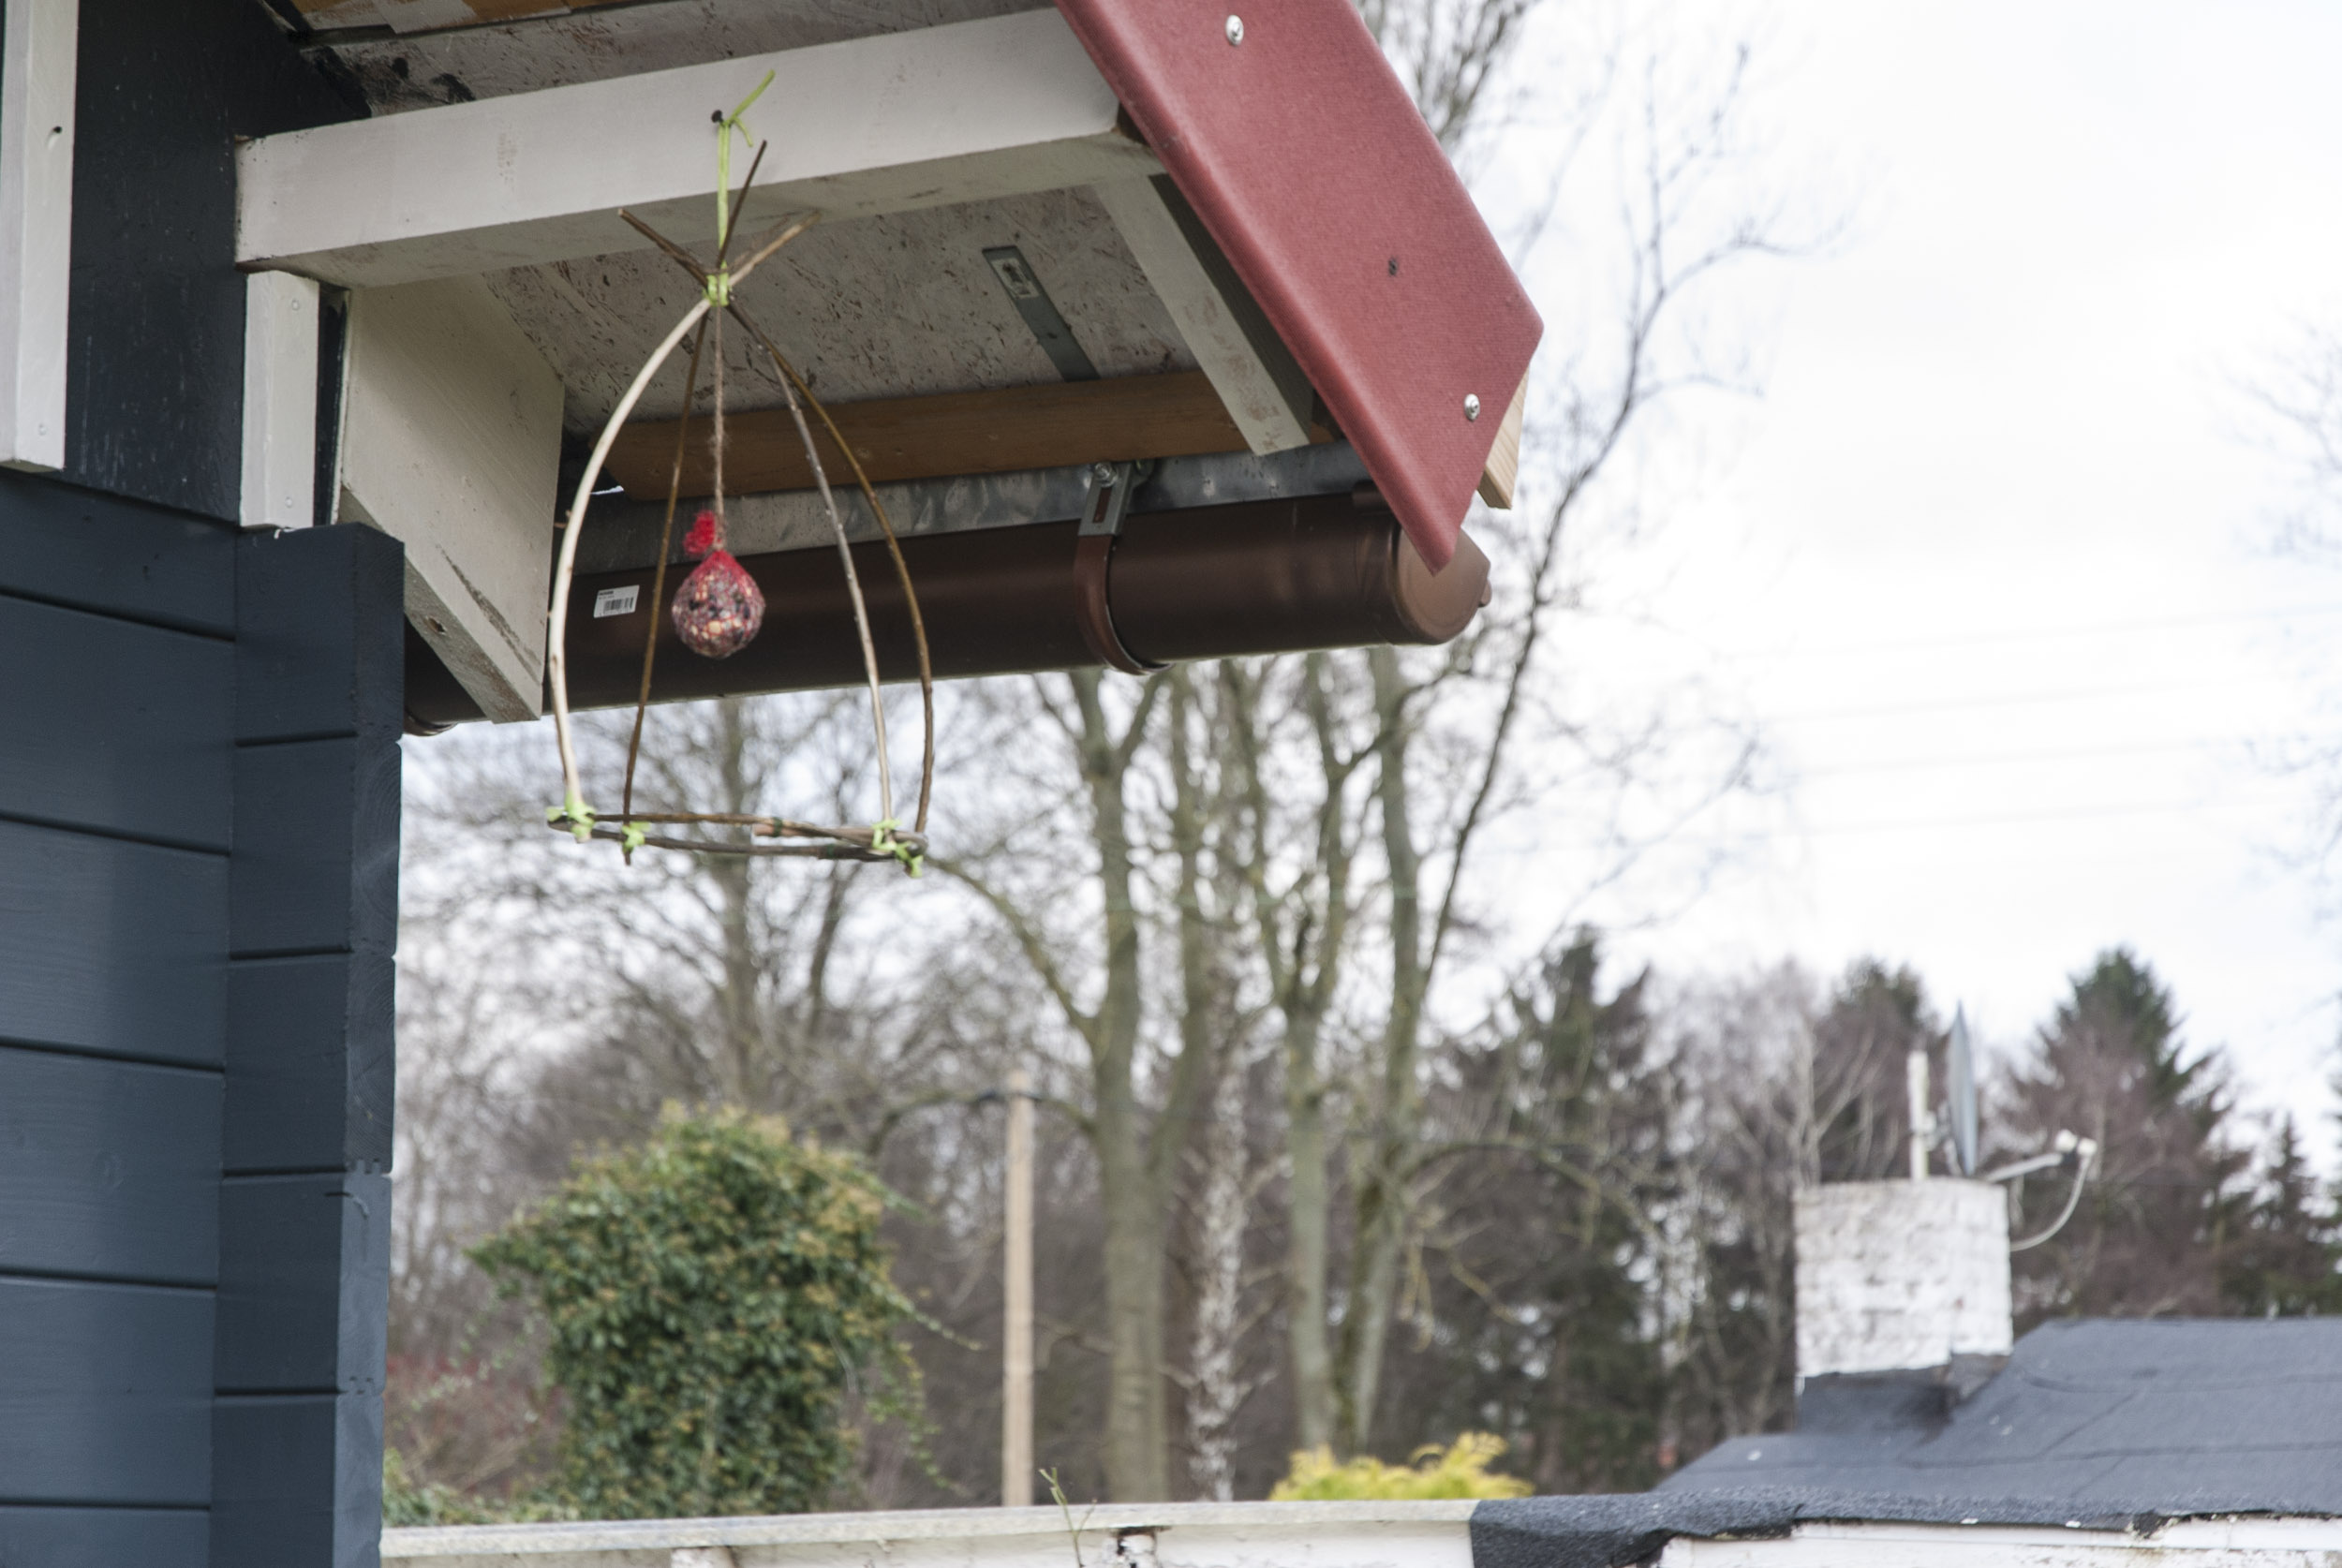 Eine DIY-Vogelfutterstelle aus Zweigen hängt an einem Dachvorstand einer Holzhütte, in der Mitte ist ein Meisenknödel befestigt – eine von vielen Ideen für Garten-Geschenke.